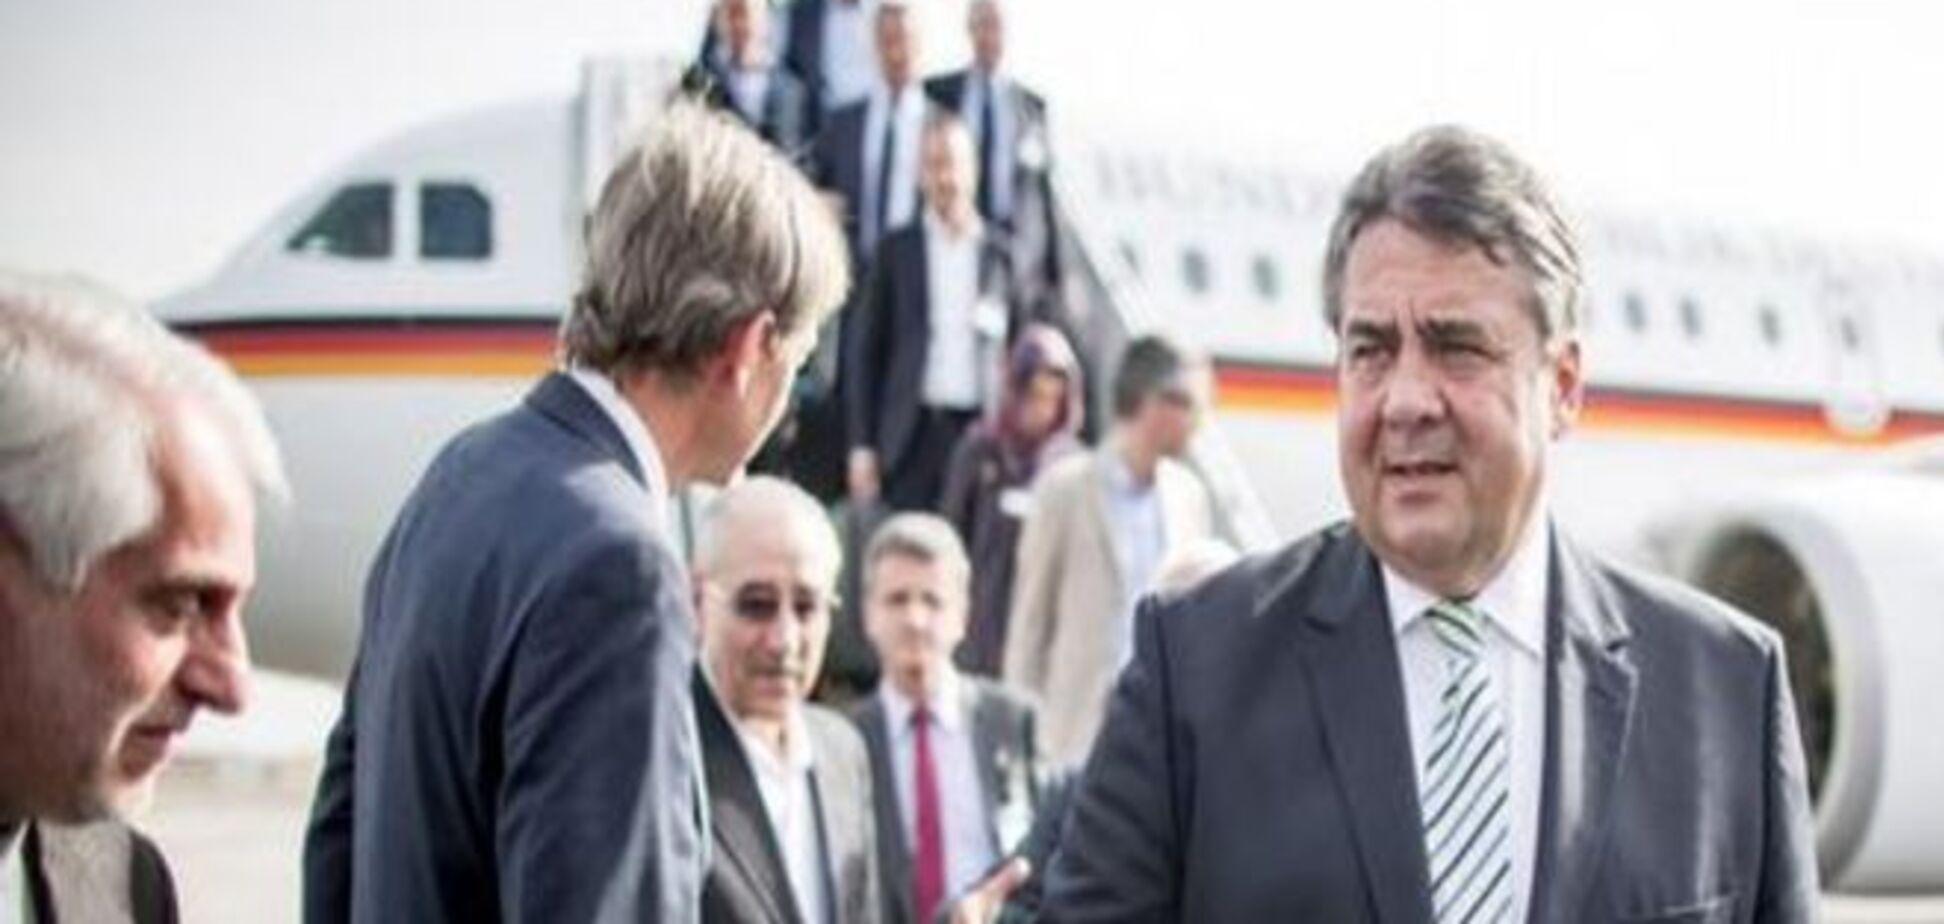 Віце-канцлер Німеччини пропонує посередництво між Іраном та Ізраїлем